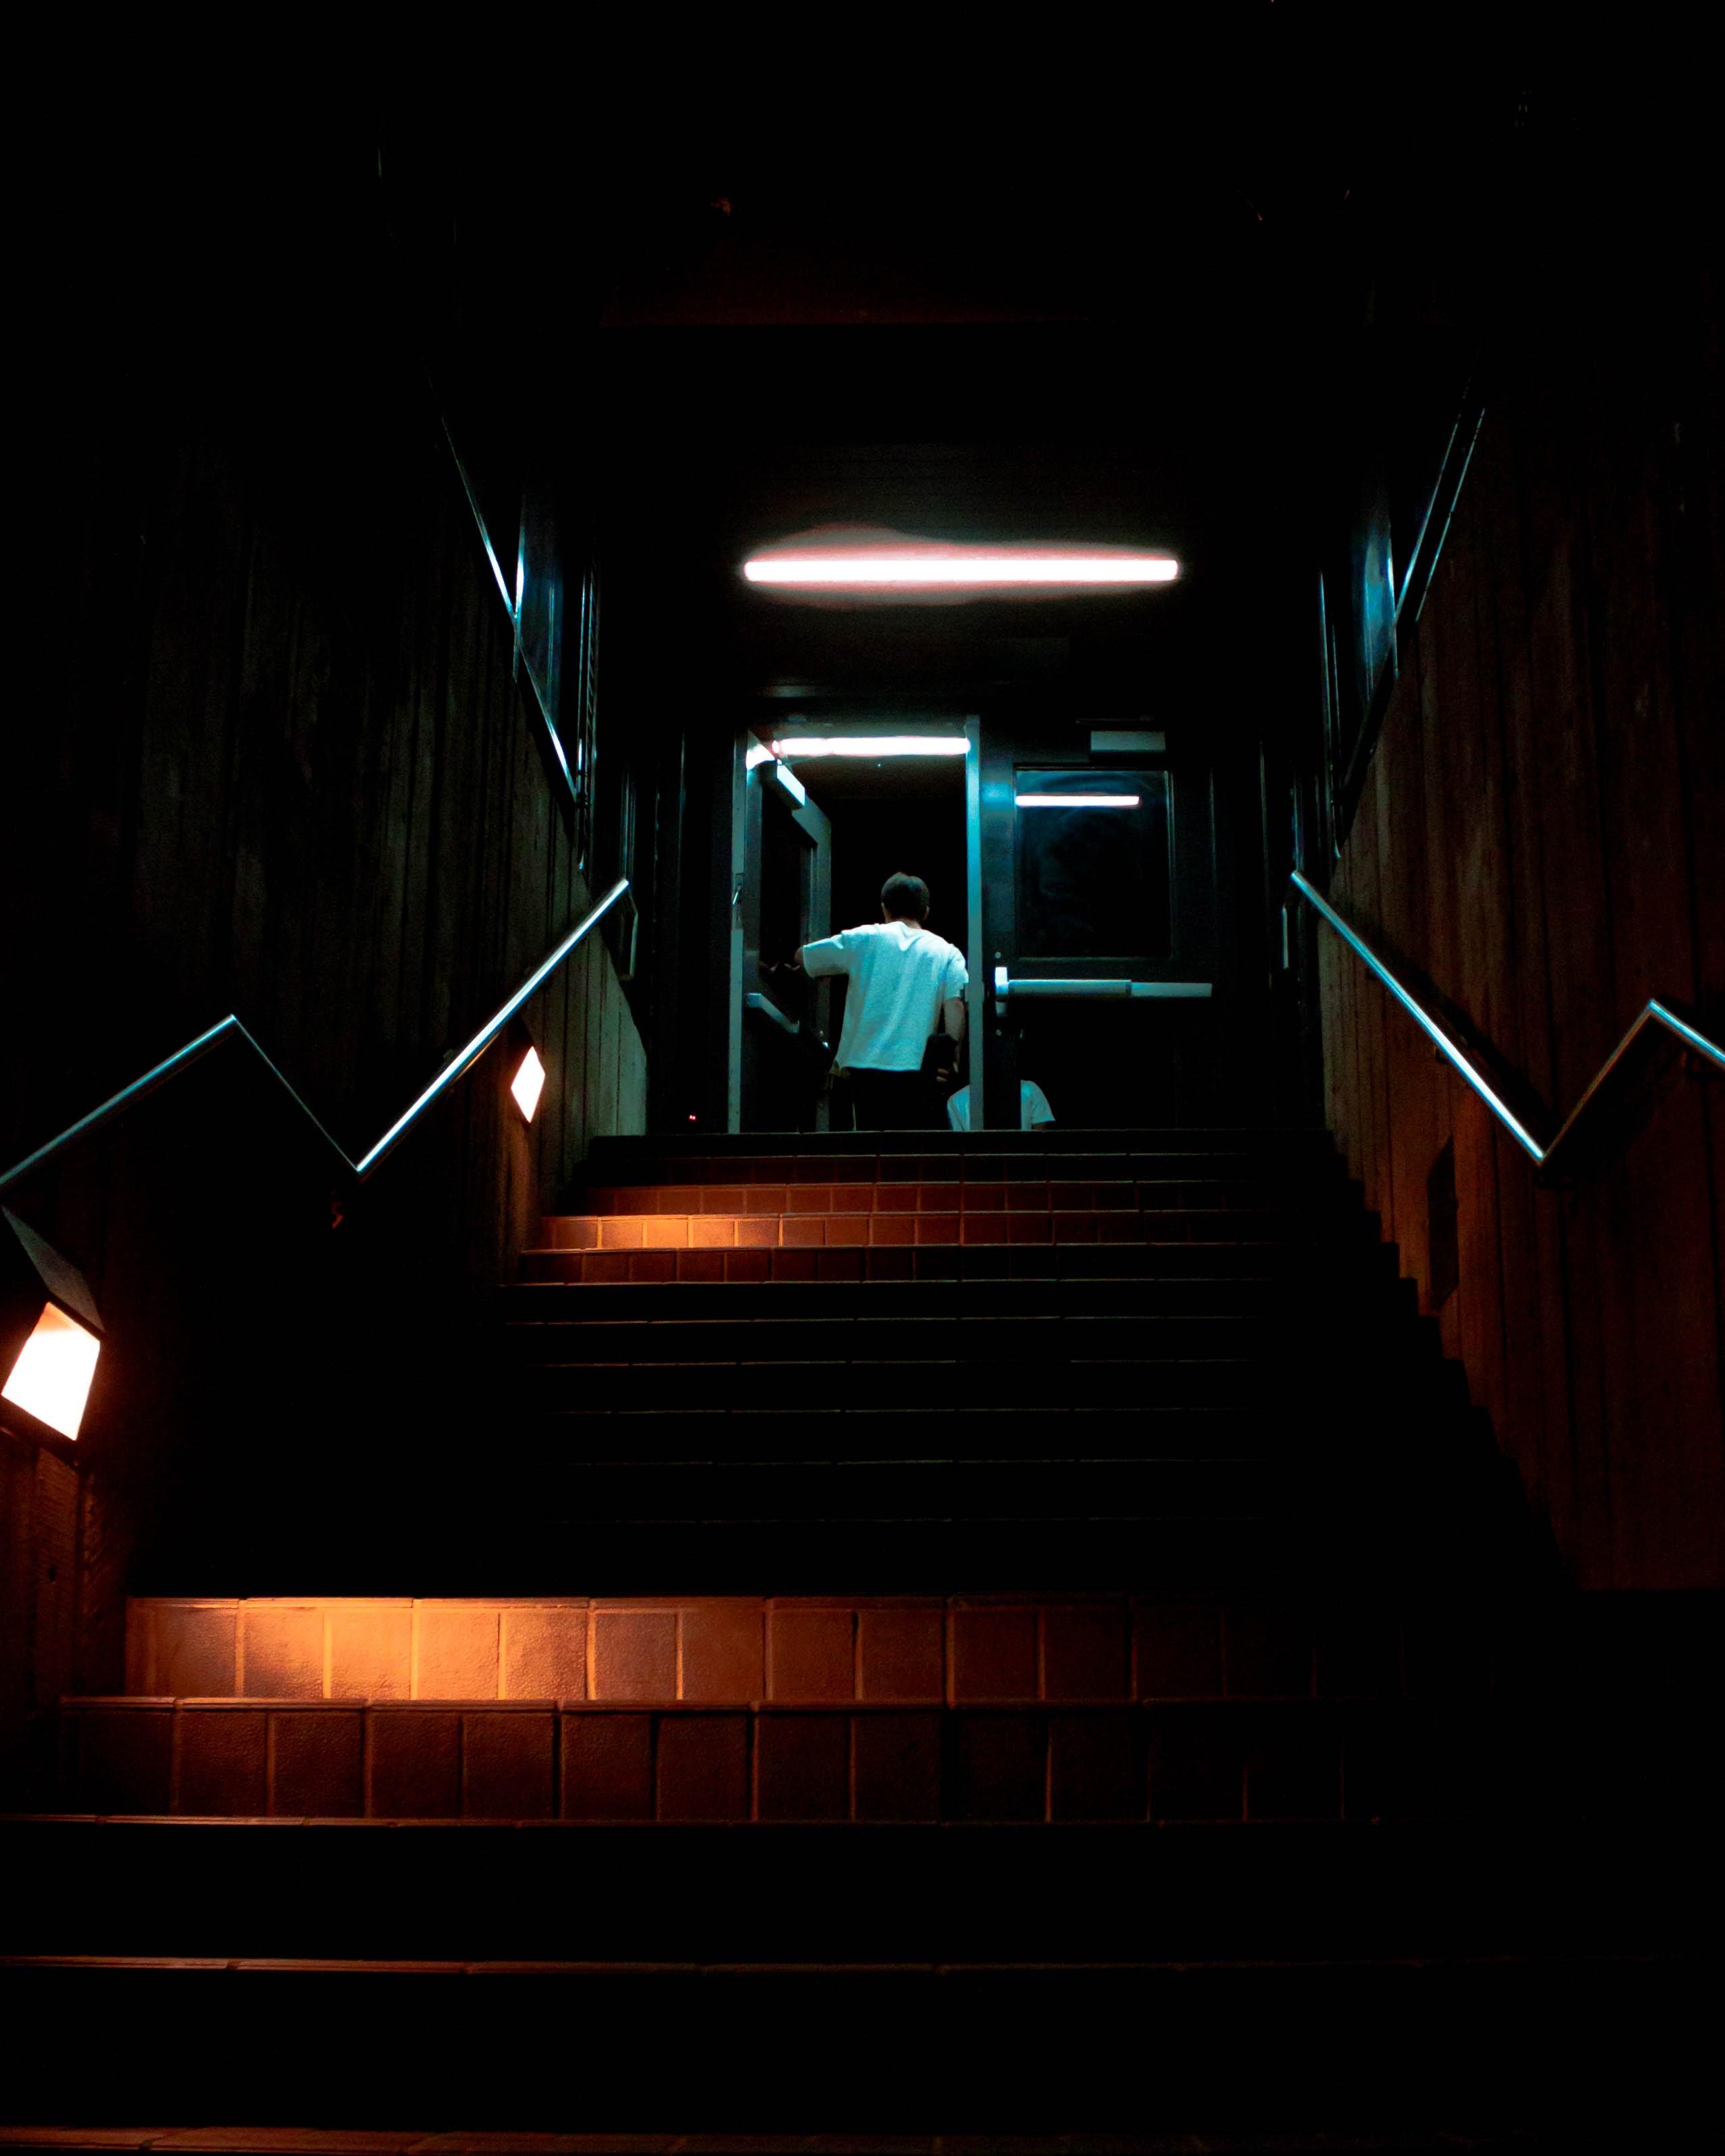 man standing beside glass door